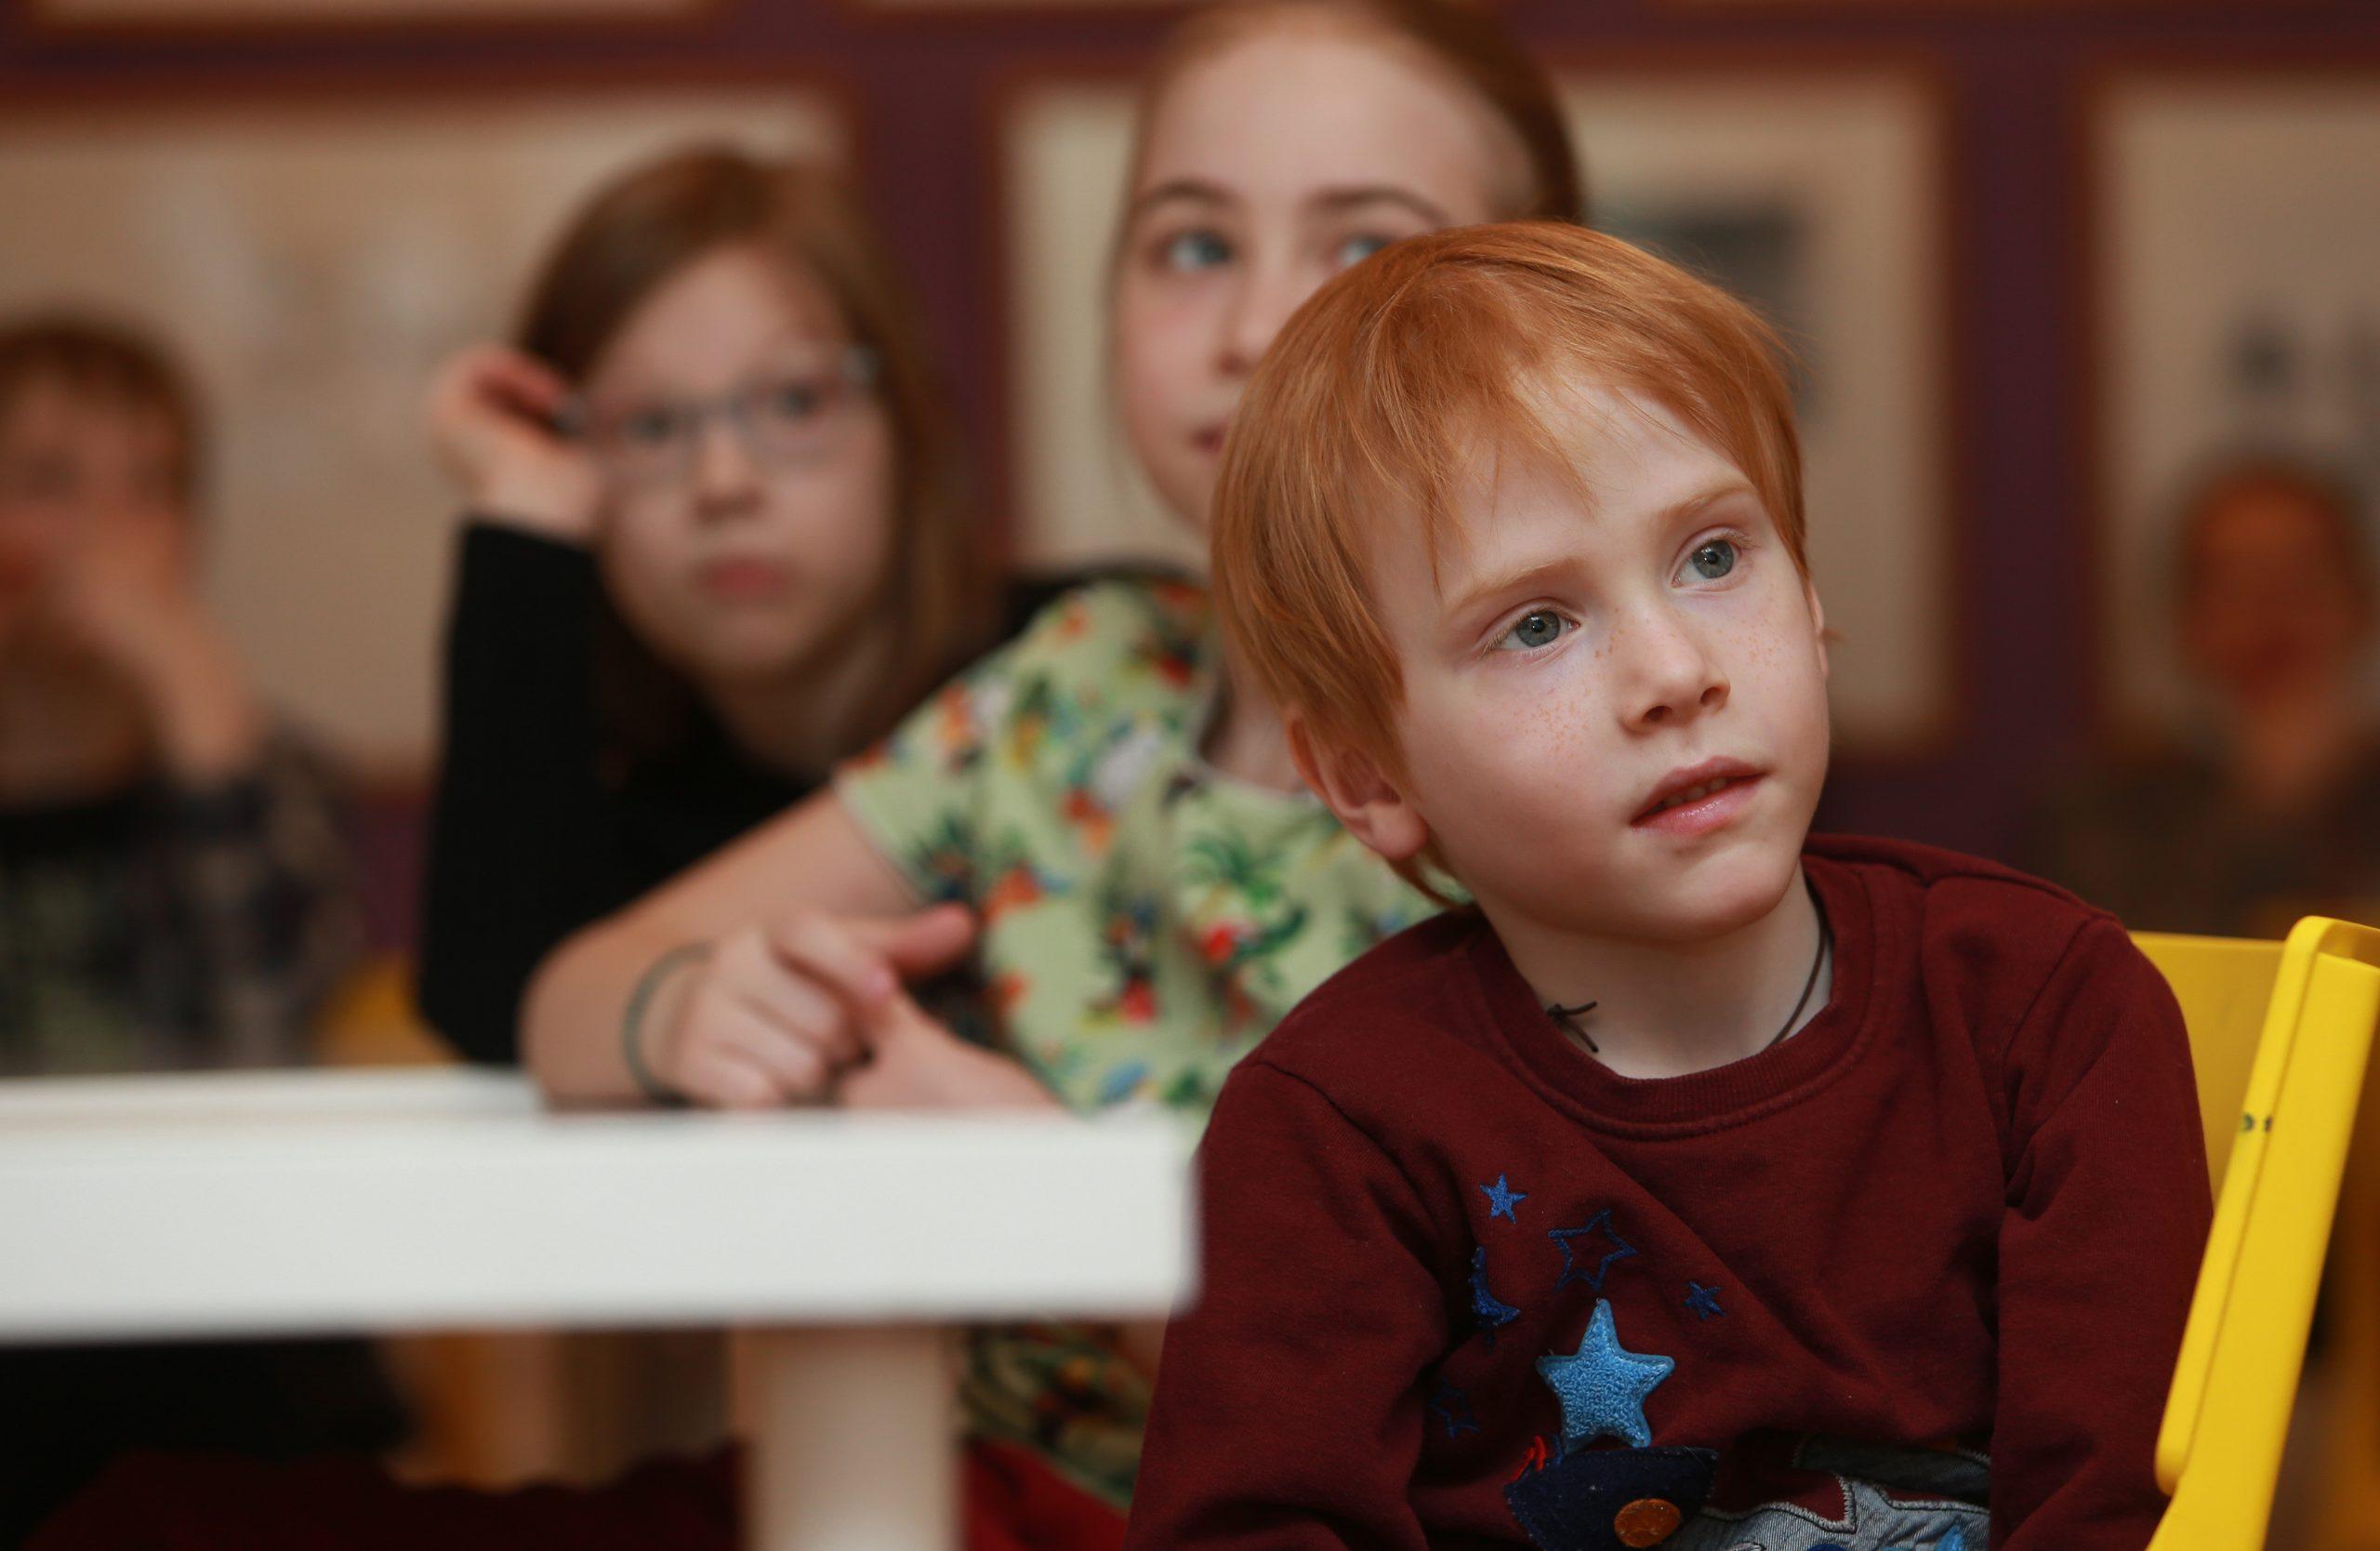 Онлайн-занятие о Нетландии проведут в детской библиотеке. Фото: Наталия Нечаева, «Вечерняя Москва»